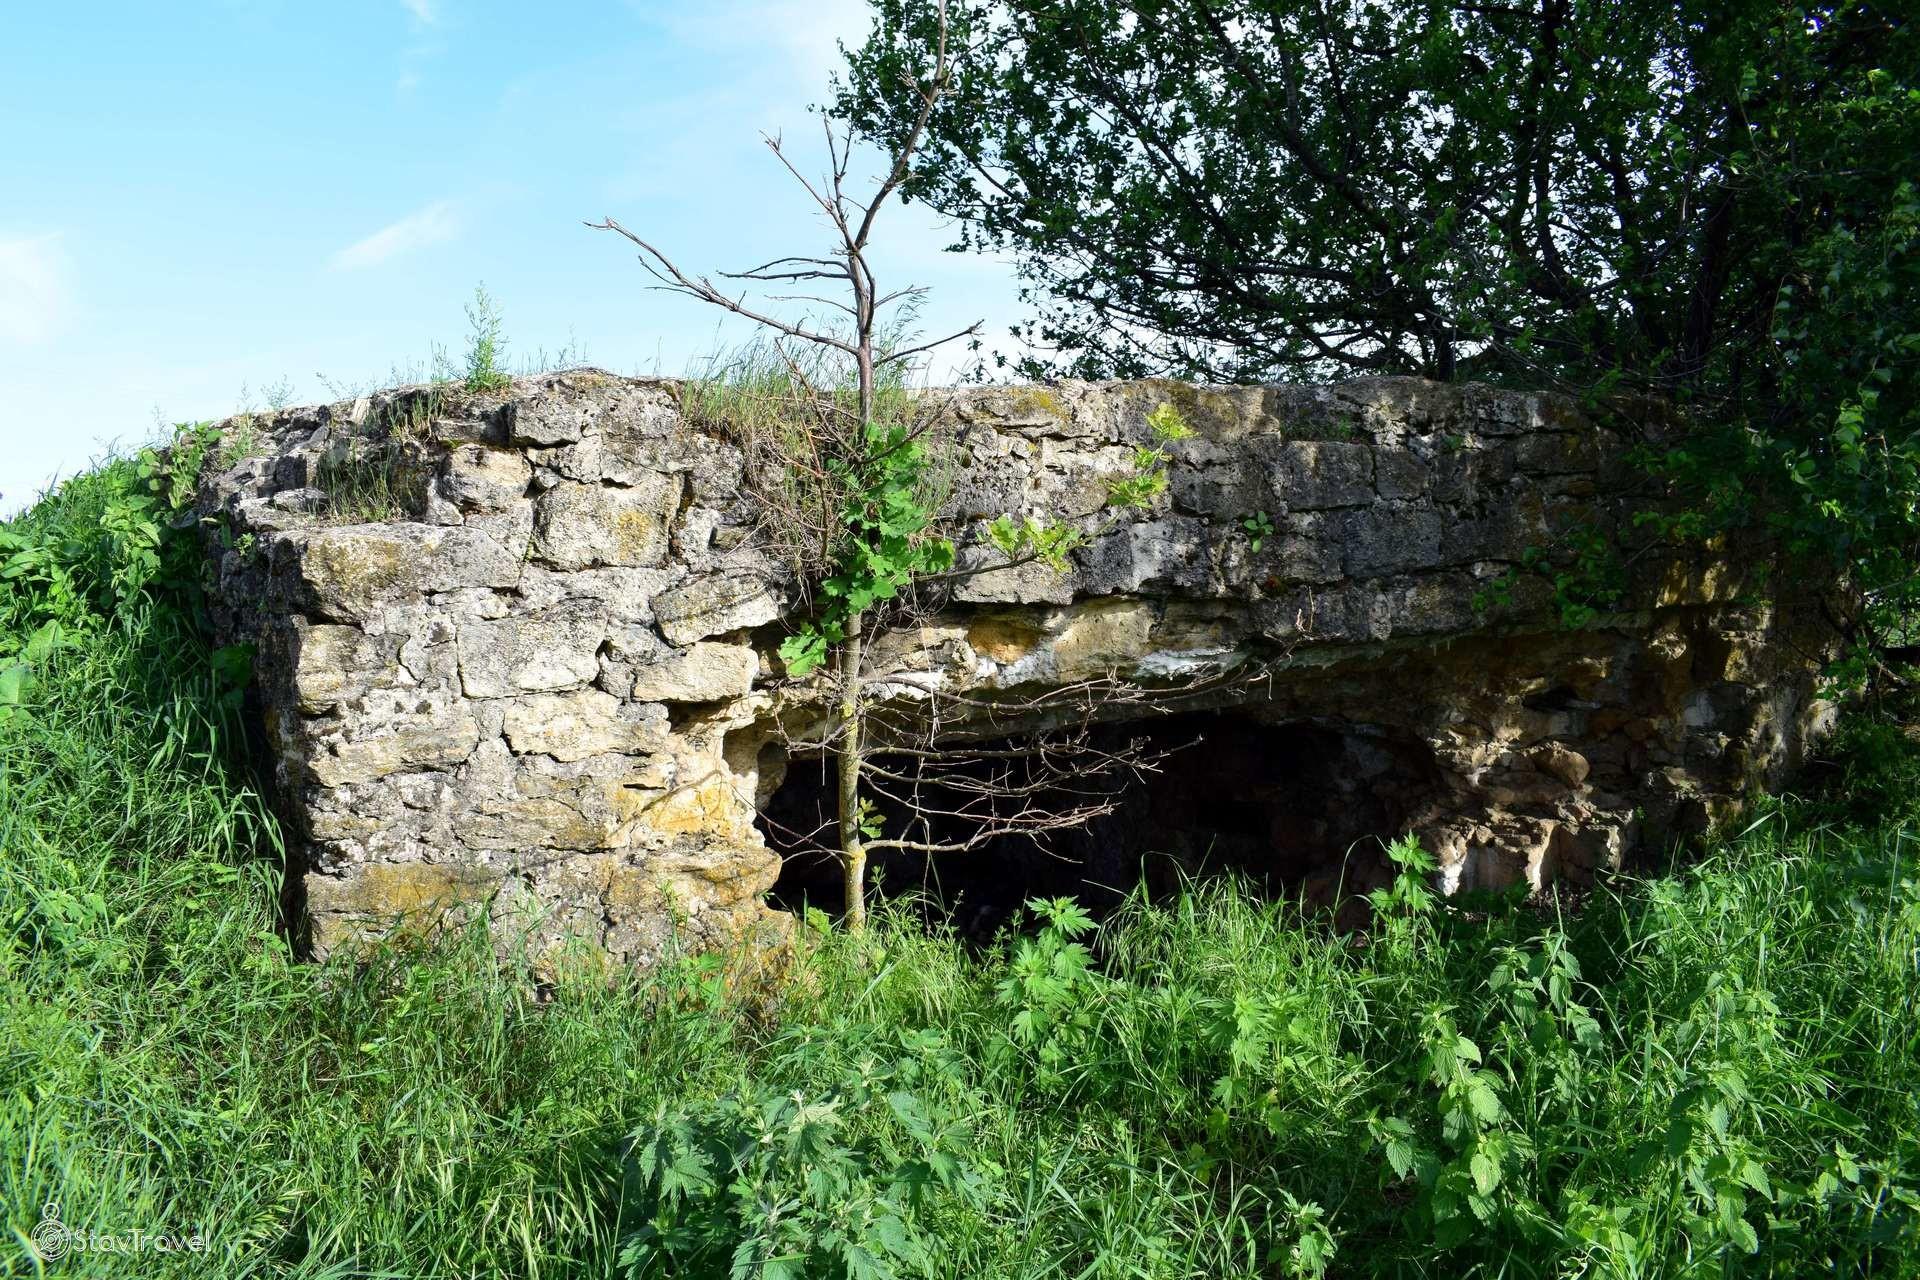 Каменный дот времён ВОВ в посёлке Раздвяный